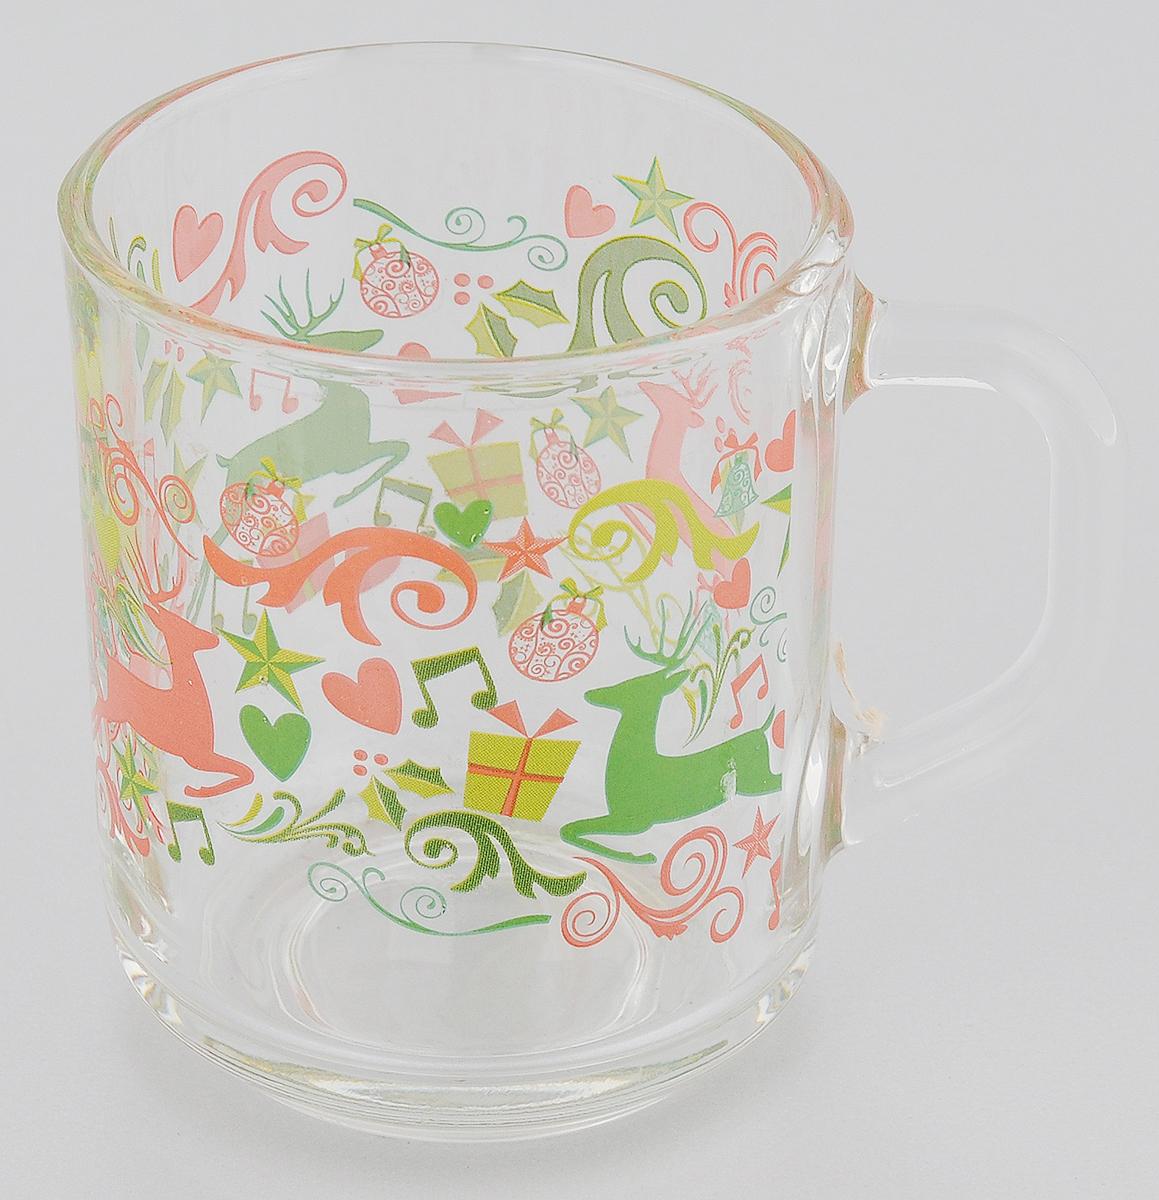 Кружка ОСЗ Green Tea. Олени и подарки, 200 мл54 009312Кружка ОСЗ Green Tea. Олени и подарки выполнена из высококачественного прозрачного стекла, которое изысканно блестит и переливается на свету.Внешняя стенка изделия декорирована изображением оленей. Такая кружка станет неизменным атрибутом чаепития и порадует вас классическим лаконичным дизайном и практичностью.